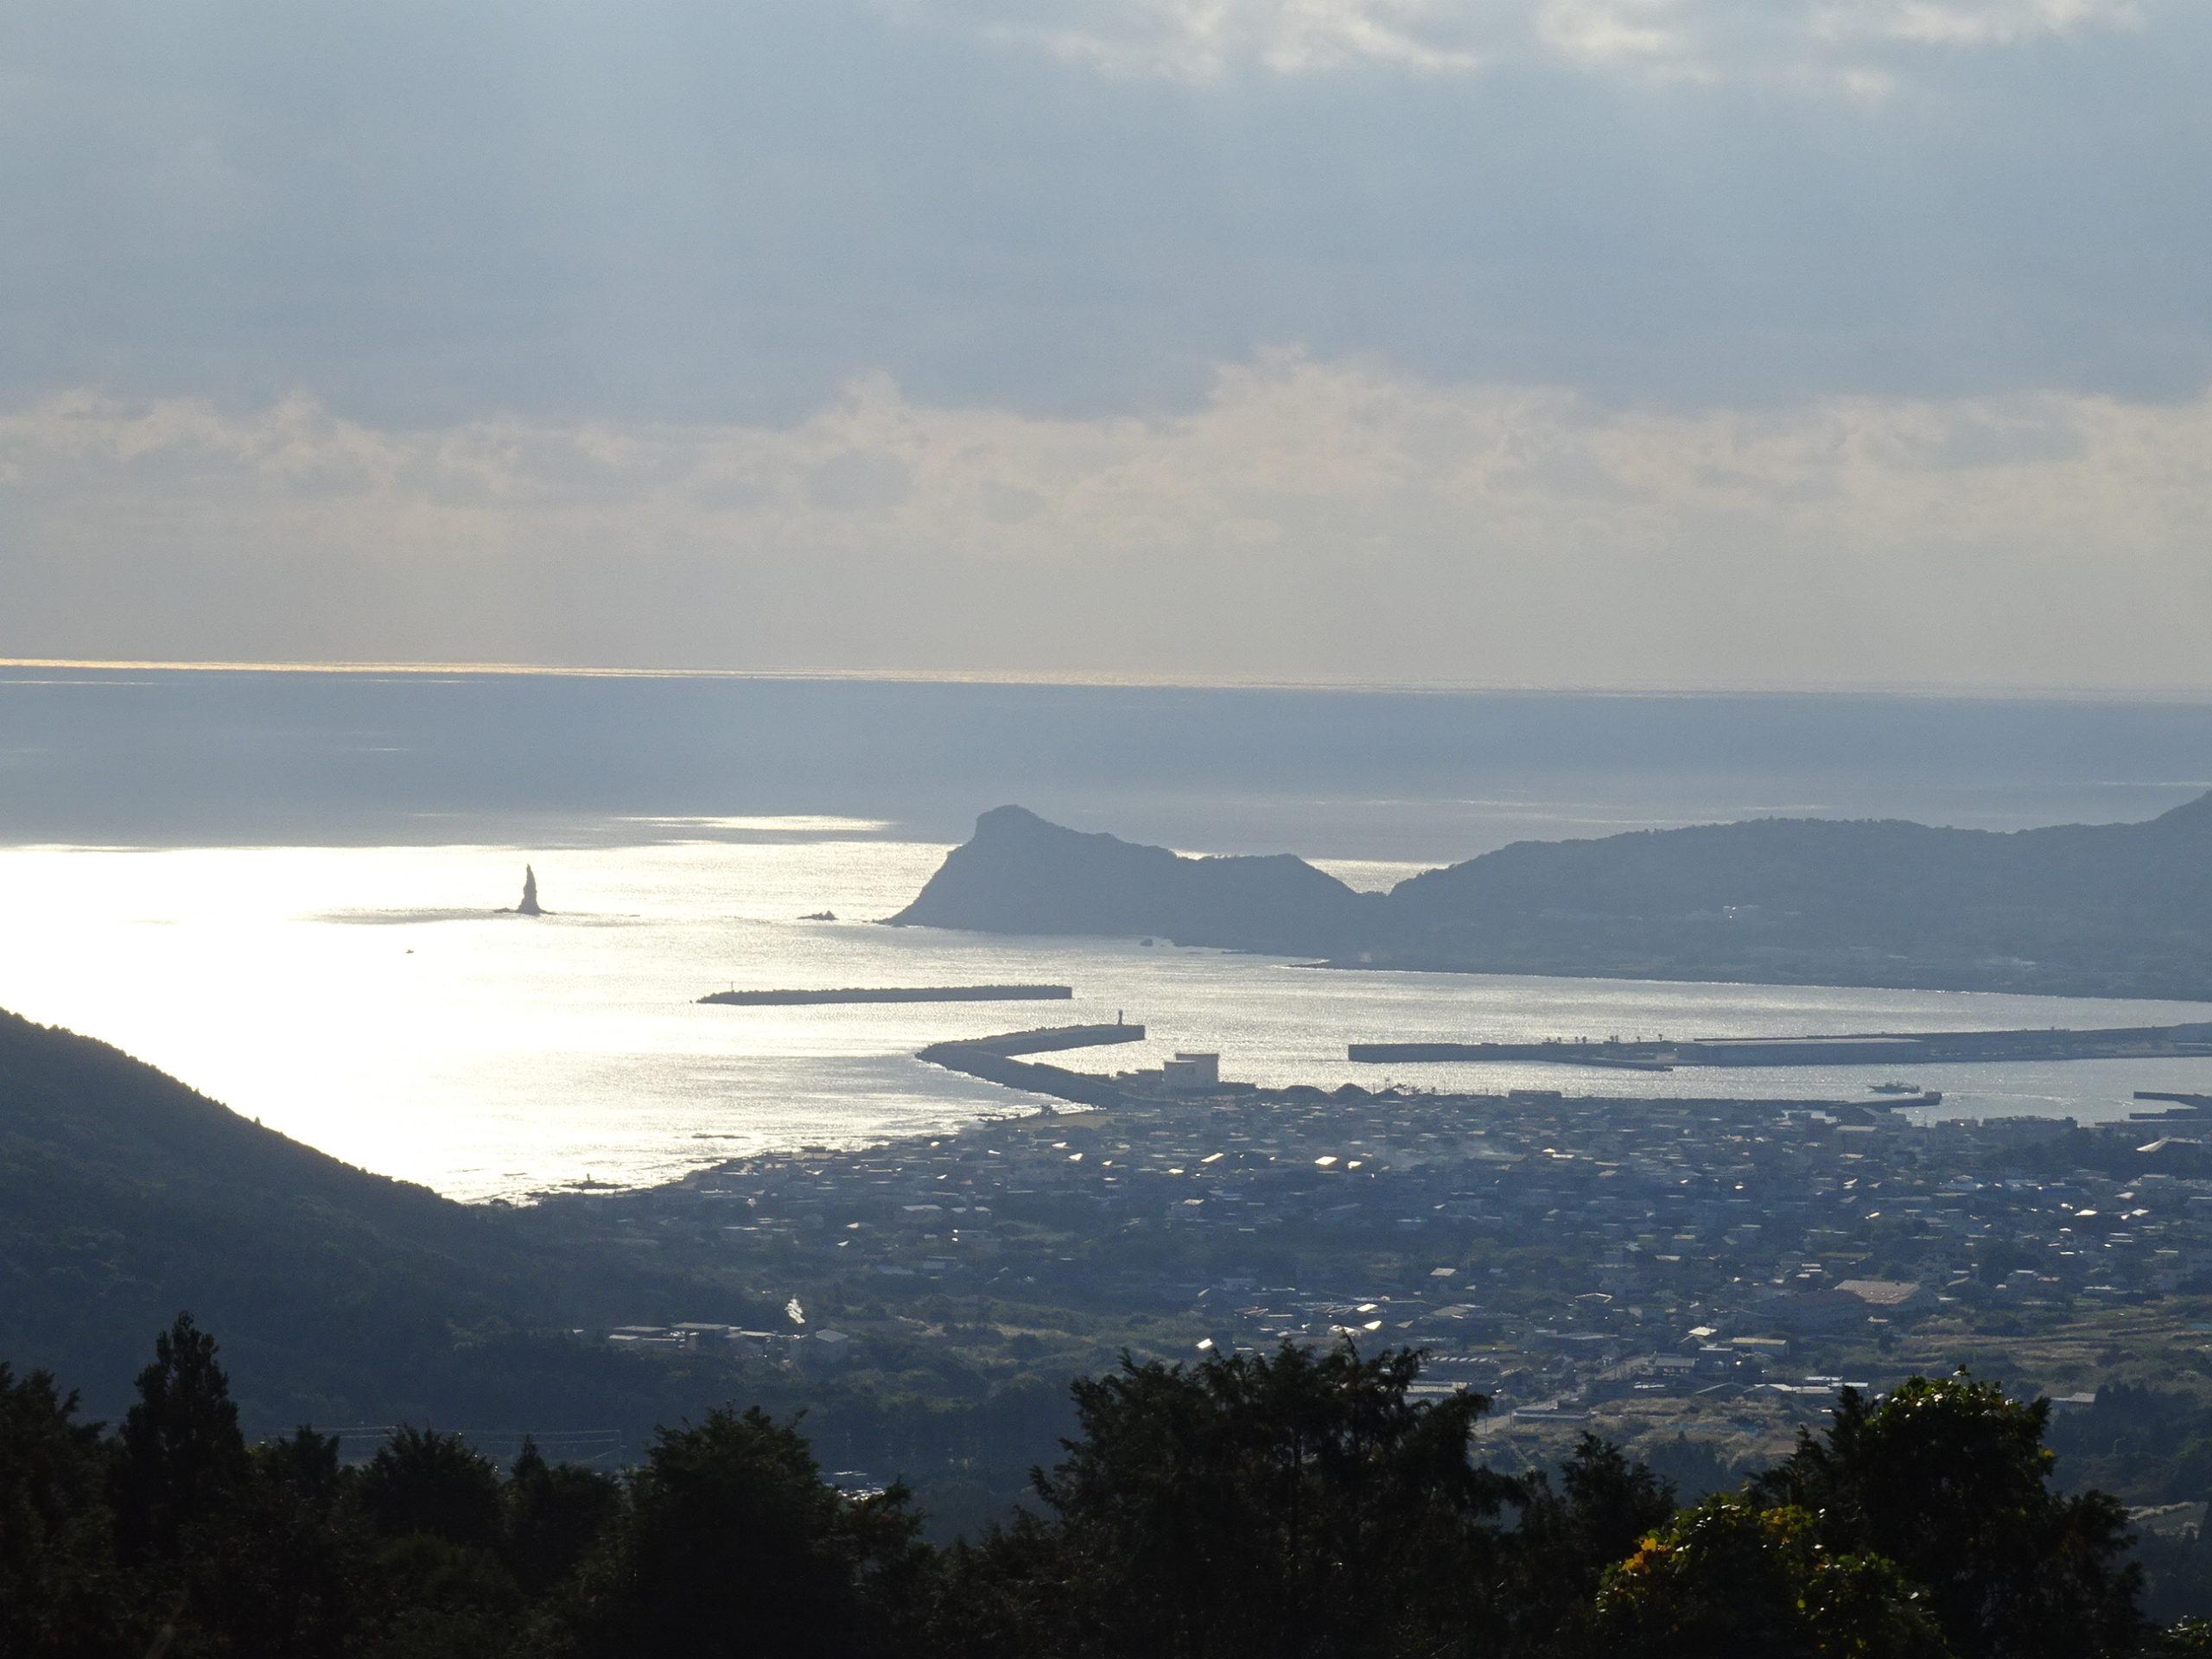 絶景とカツオと焼酎「白波」で楽しみたい枕崎市のまとめ【枕崎の観光・旅行・イベント情報】